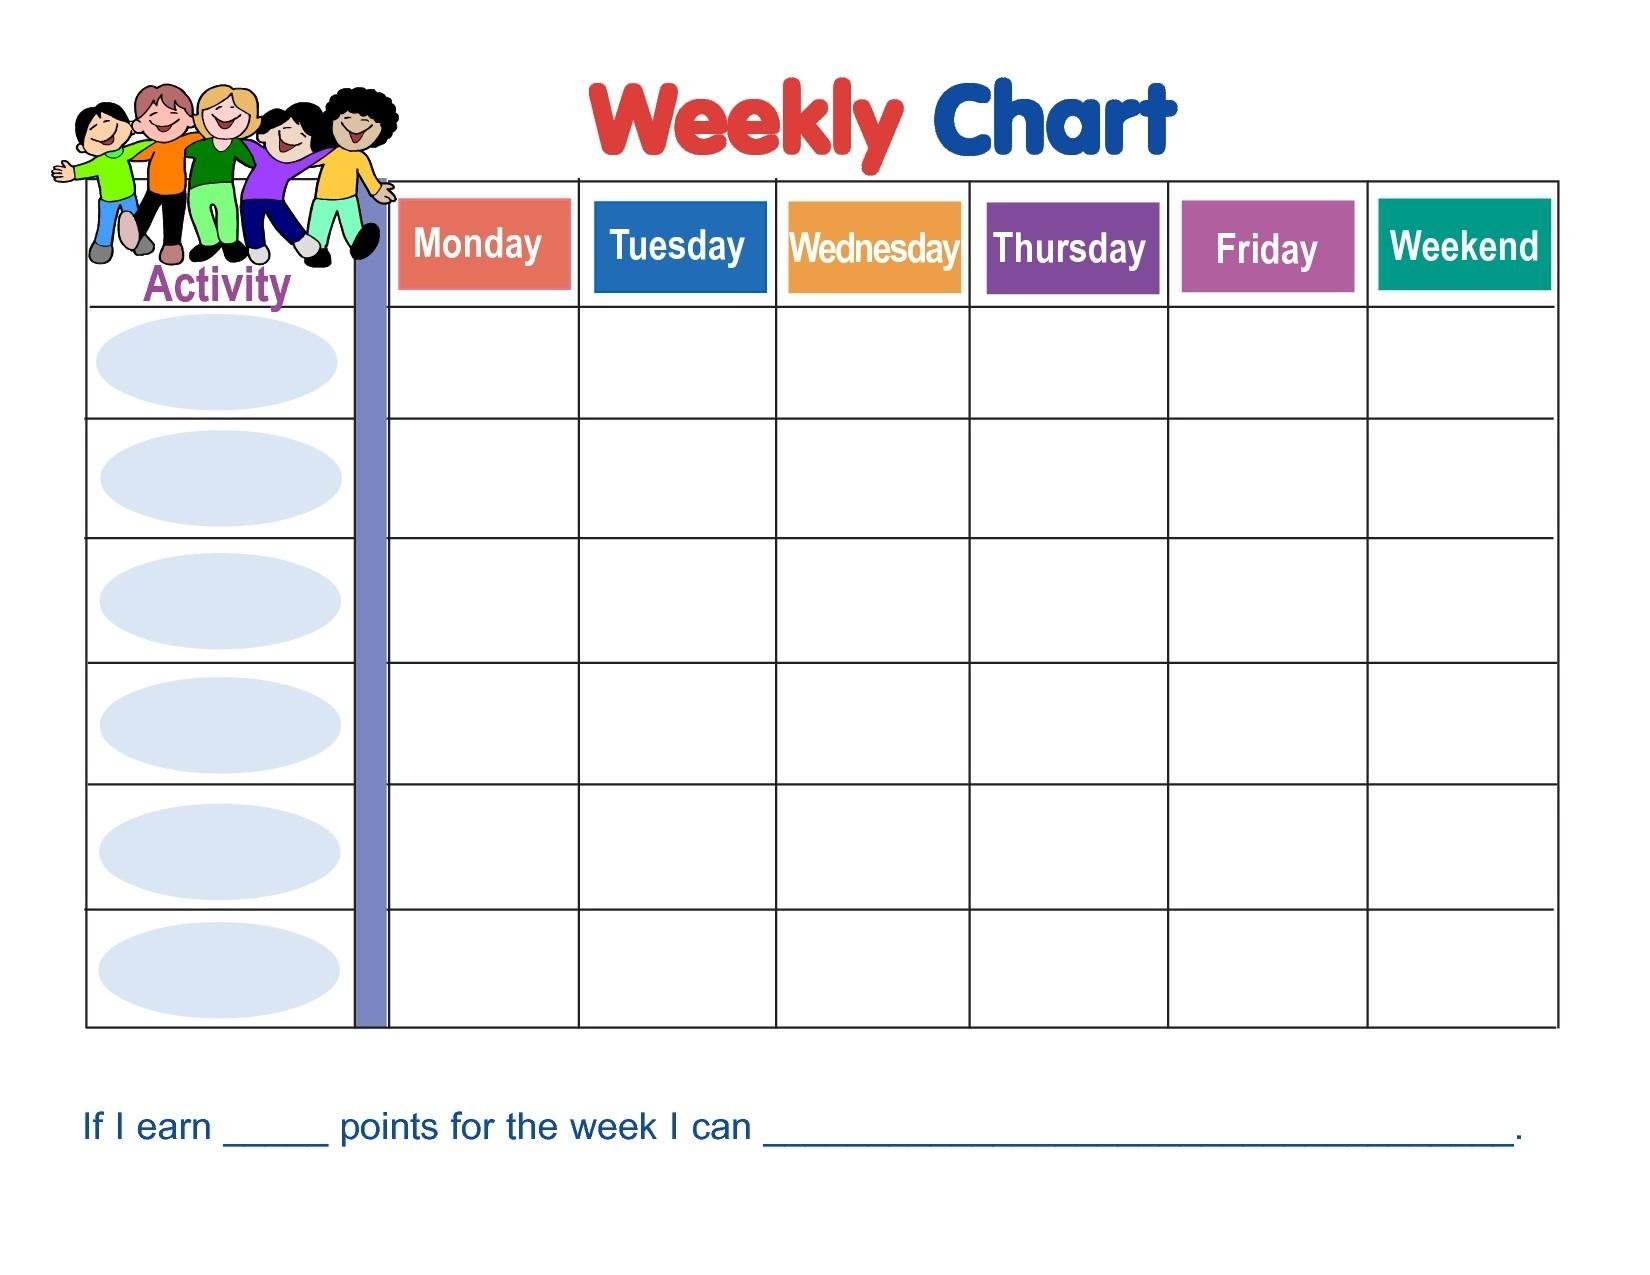 Blank Behavior Calendar 2017 Calendar In Monthly Behavior-Monthly Behavior Calendar Template